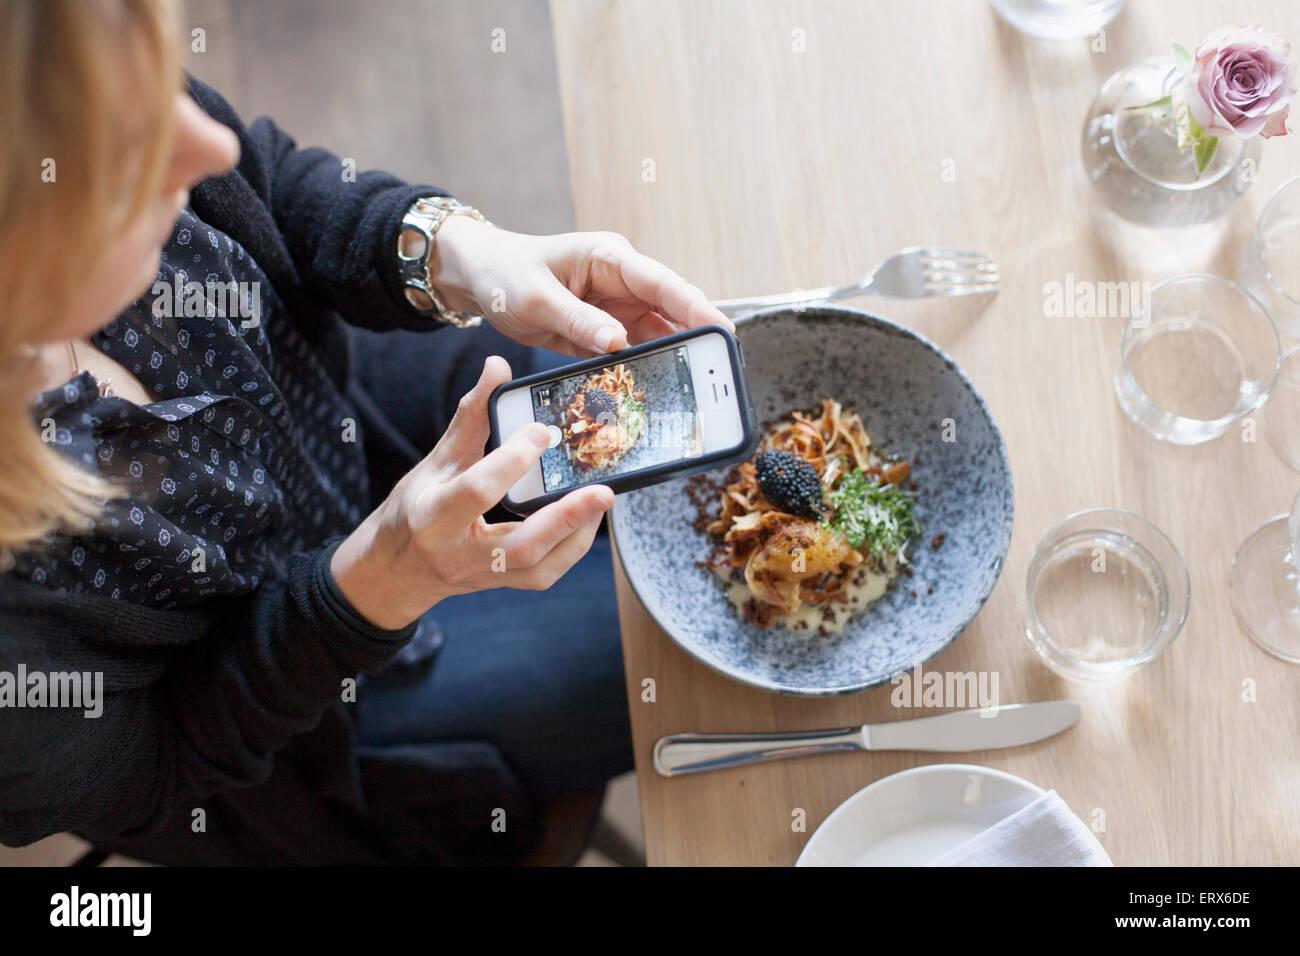 Un alto ángulo de visualización de la mujer fotografiando comida a través de un teléfono móvil Imagen De Stock